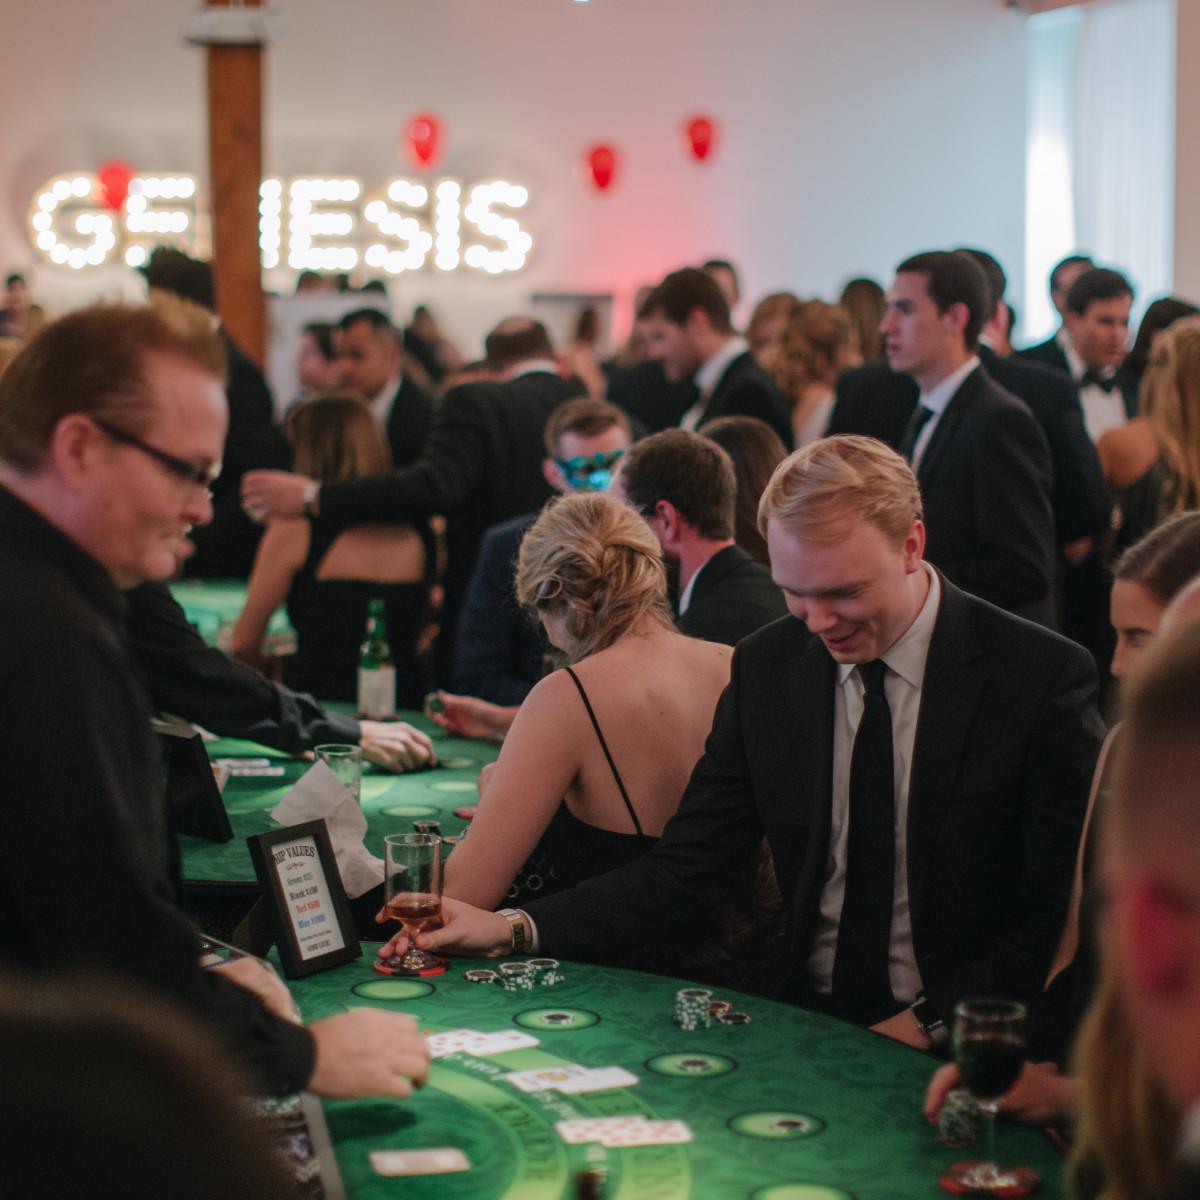 Genesis Masquerade 2019, casino game